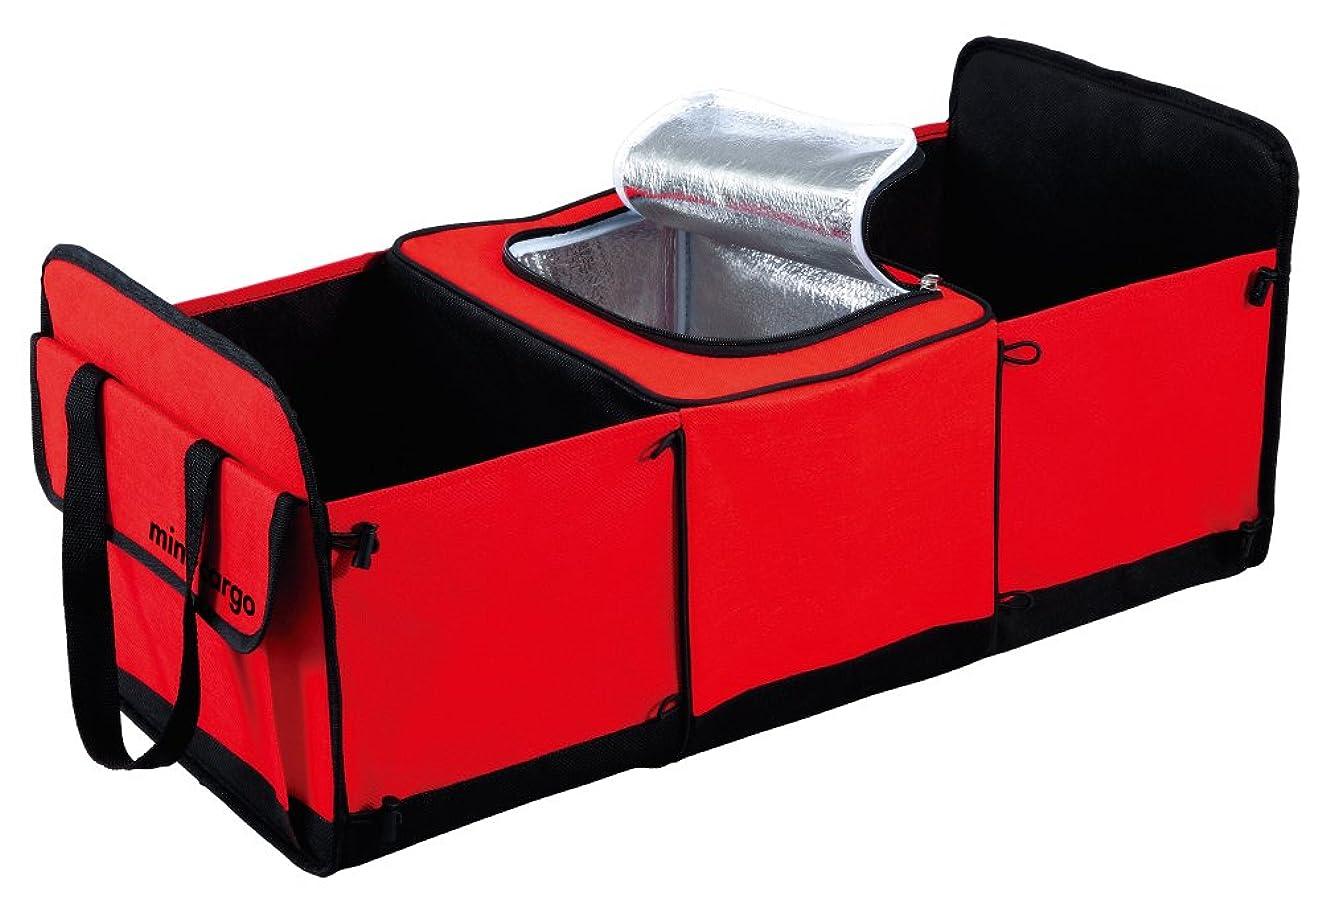 労苦レポートを書く側溝アルファックス 車用収納ボックスmini Cargo 赤 603115